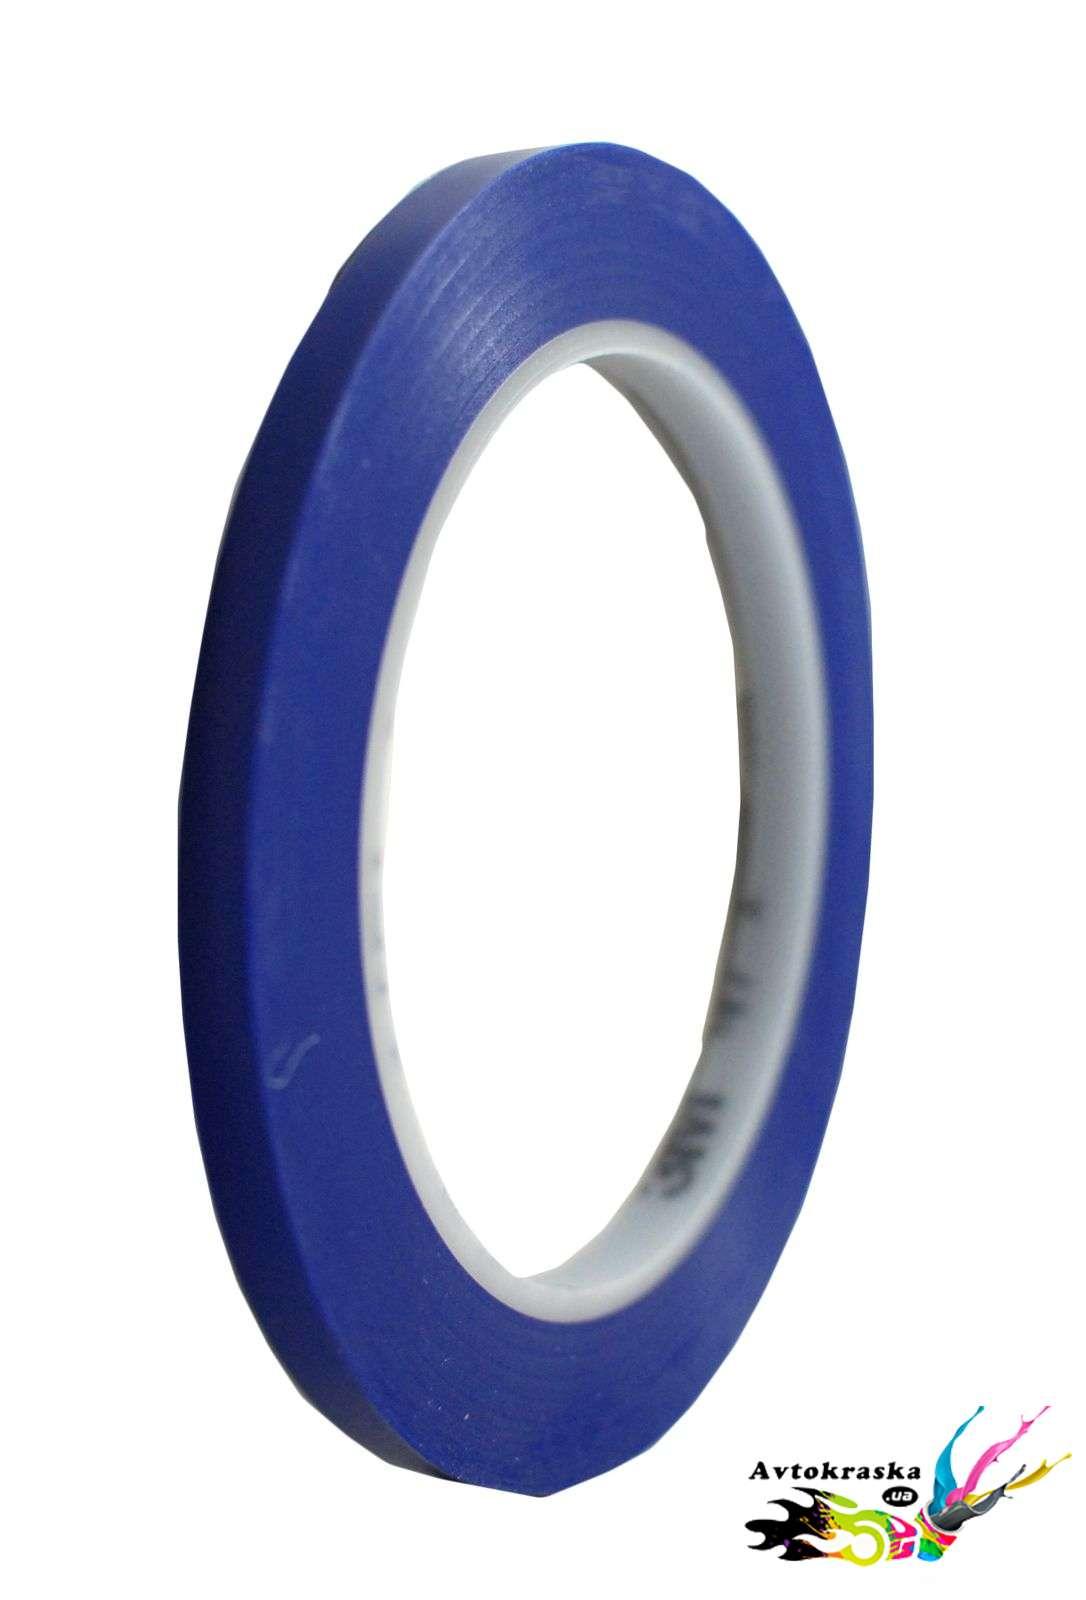 3M 06405 Маскирующая контурная лента синяя 6мм